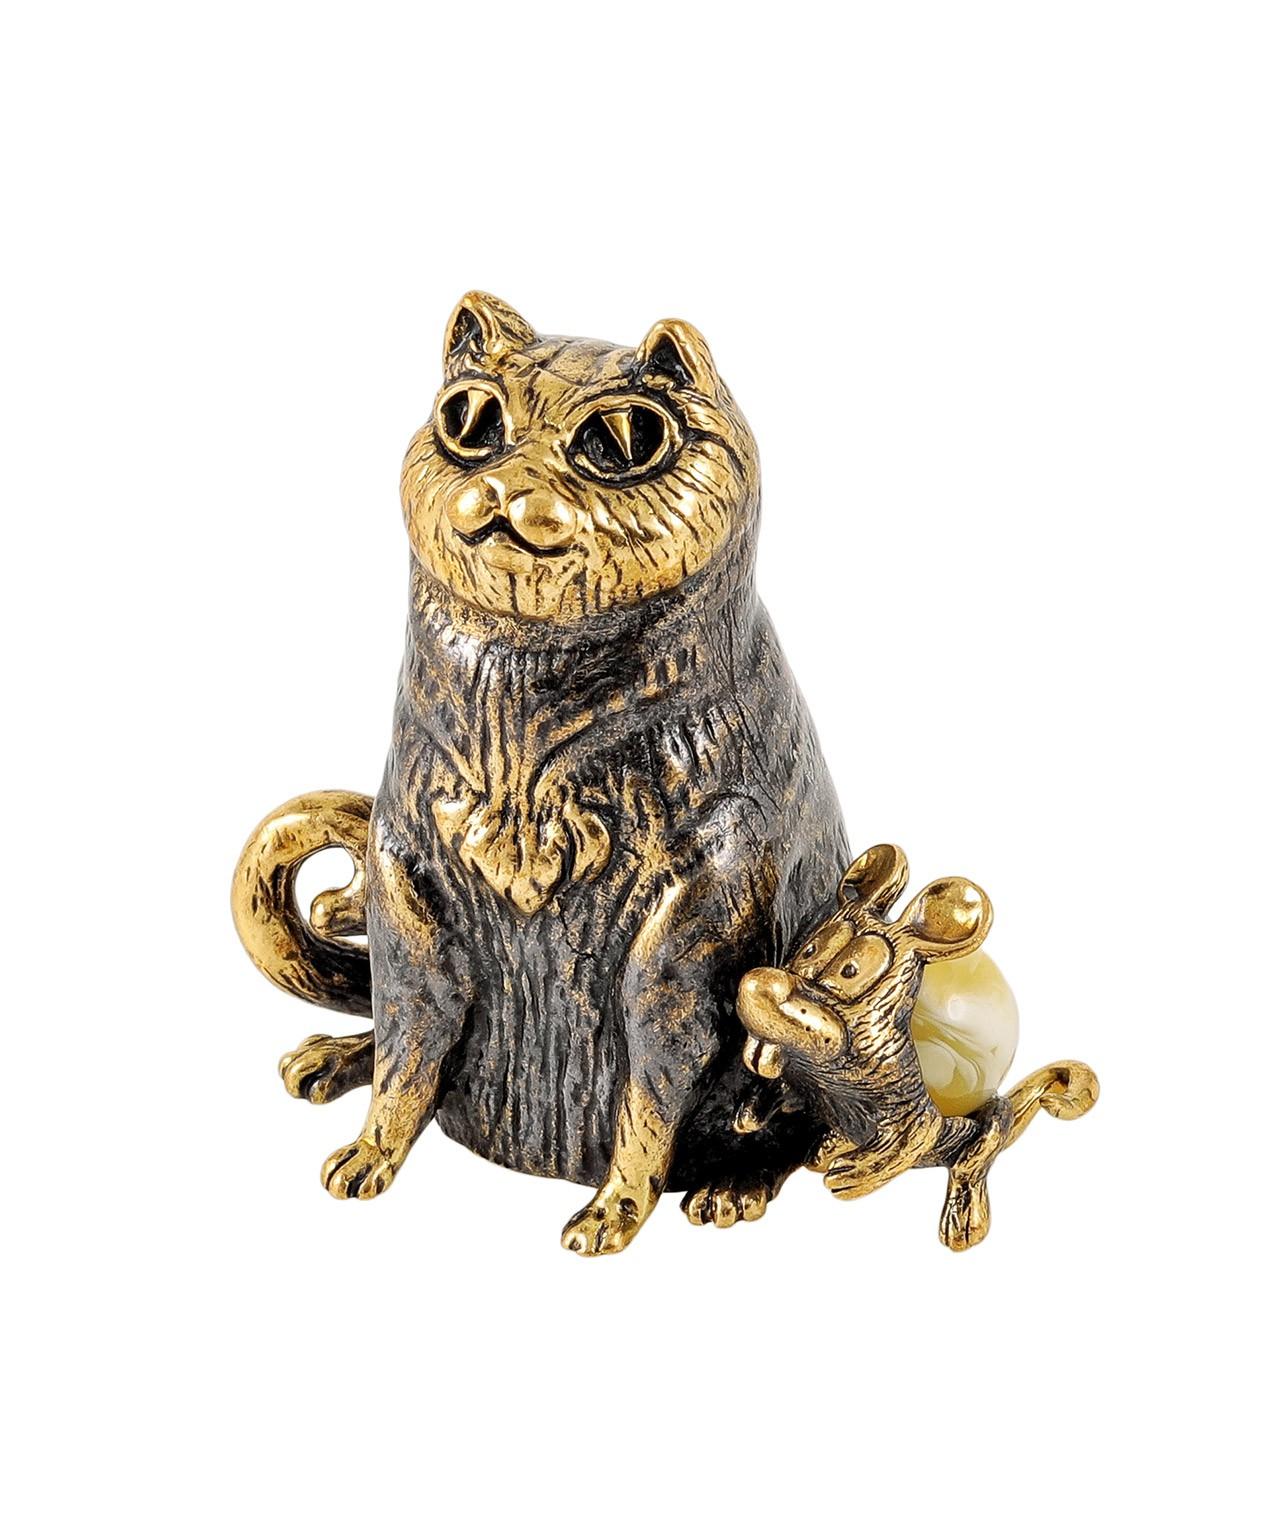 Кот и мышка друзья без подставки 1802.1